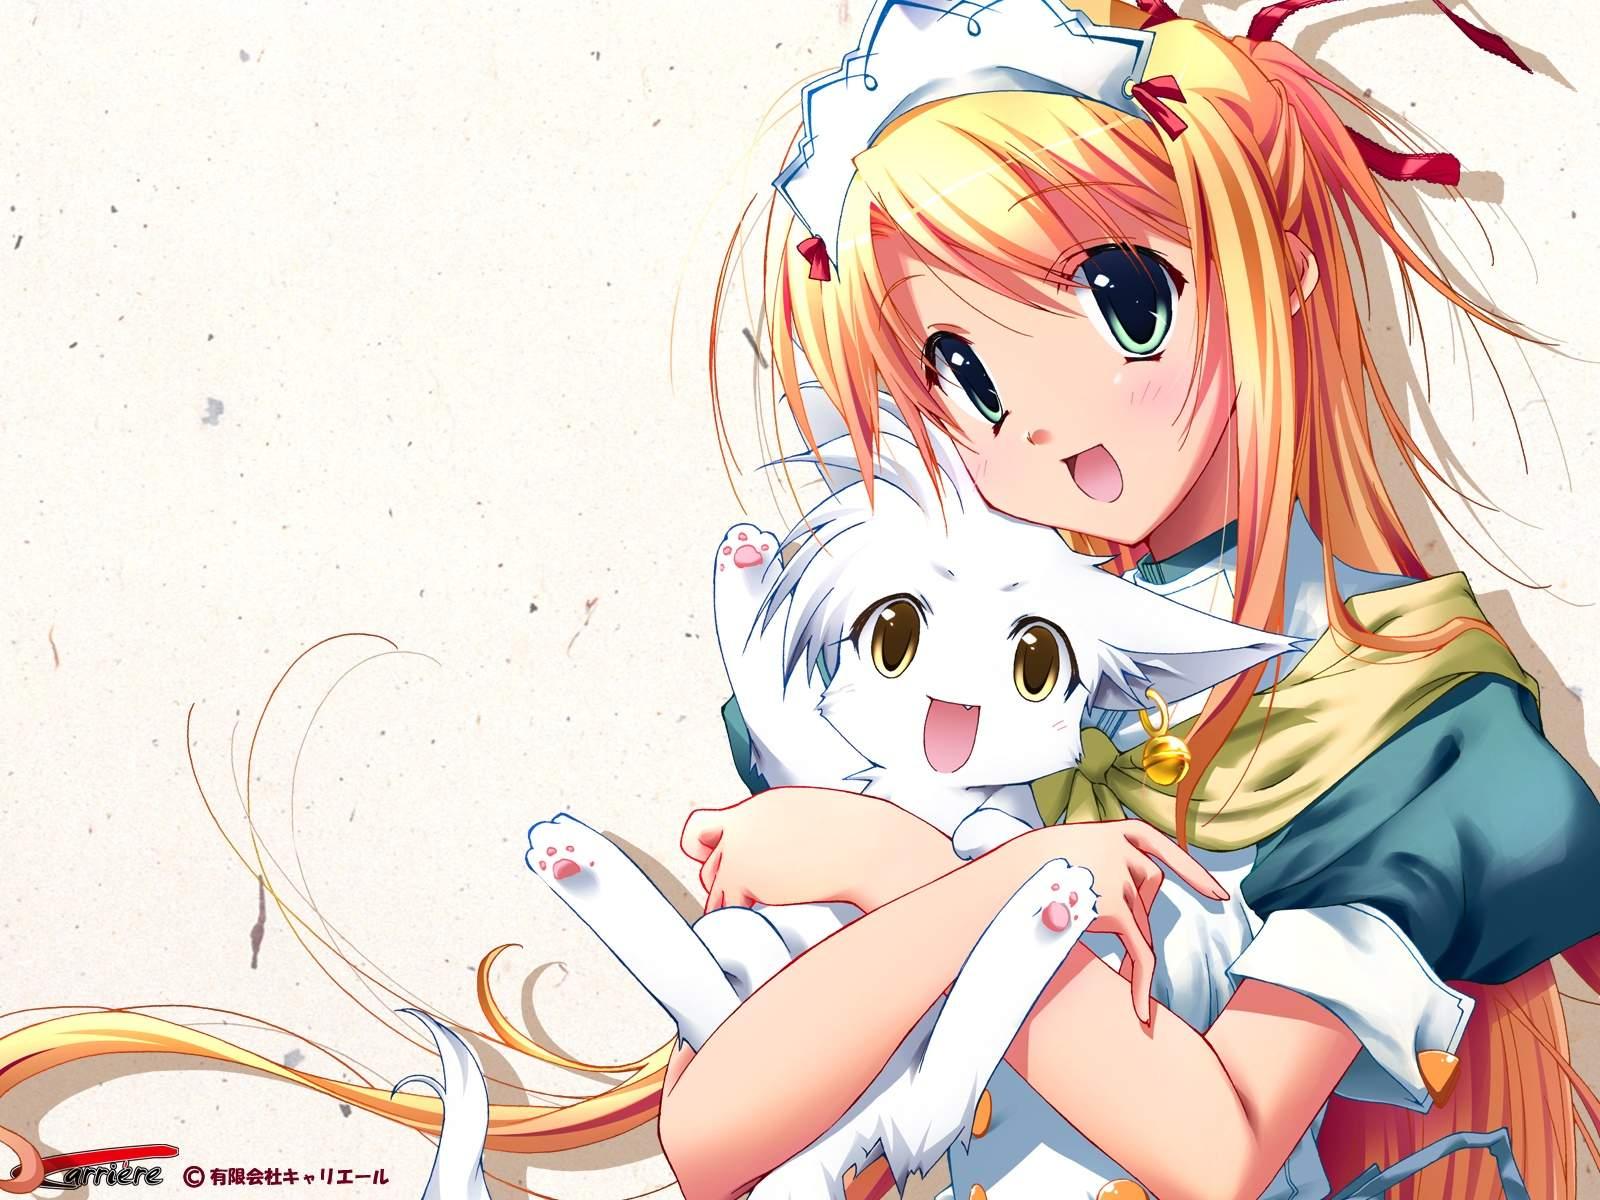 Anime Wallpapers Desktop Wallpapers 1600x1200